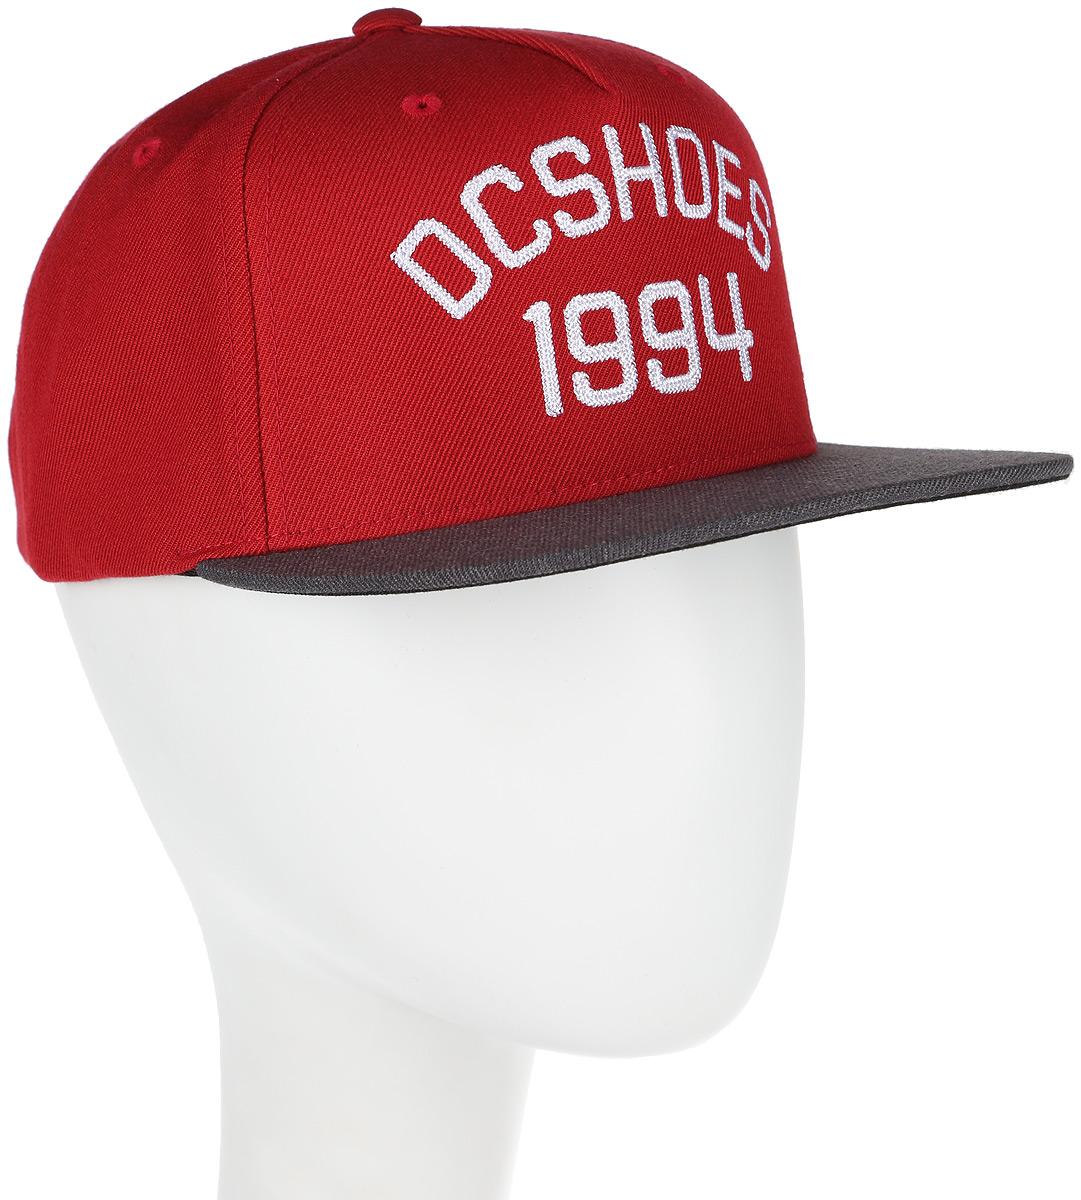 Бейсболка мужская DC Shoes Fellis, цвет: красный, серый. ADYHA03437-RRD0. Размер универсальный бейсболка dc shoes dc shoes dc329cmsxa78